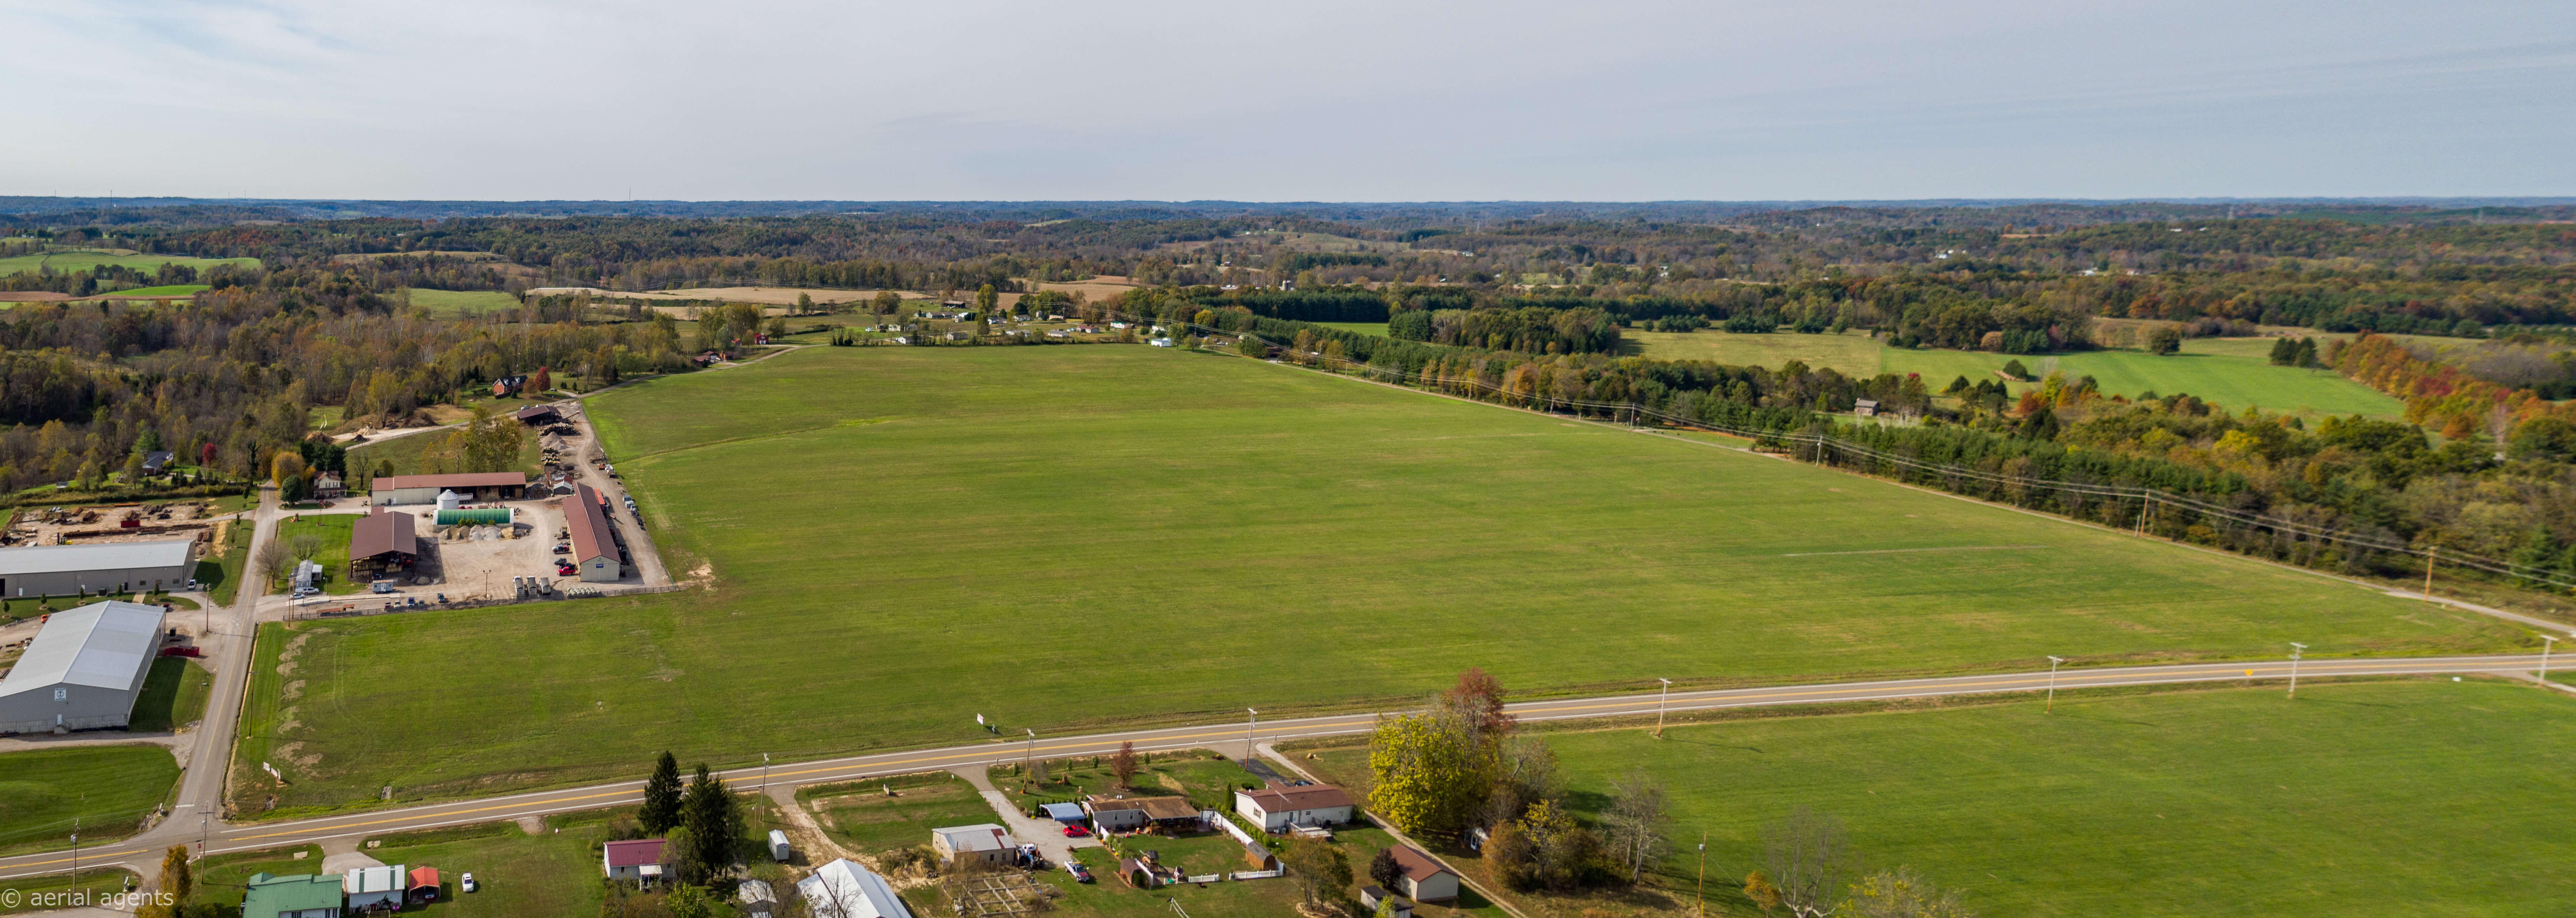 Aerial image of Dan Evans Industrial Park – Phase II